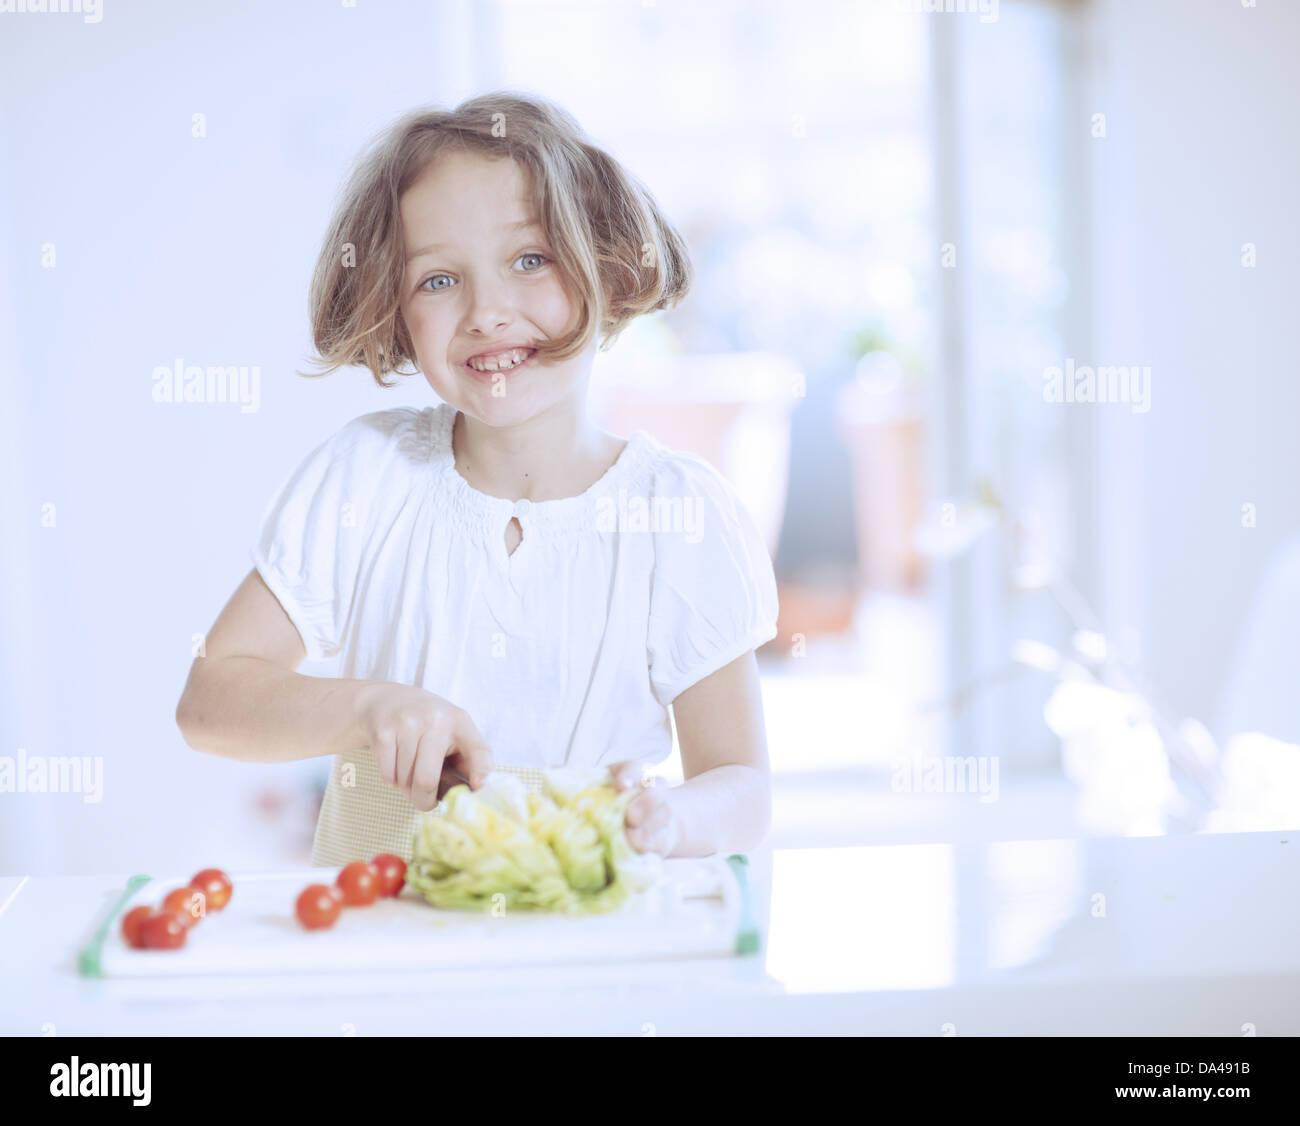 Joven haciendo una ensalada Foto de stock